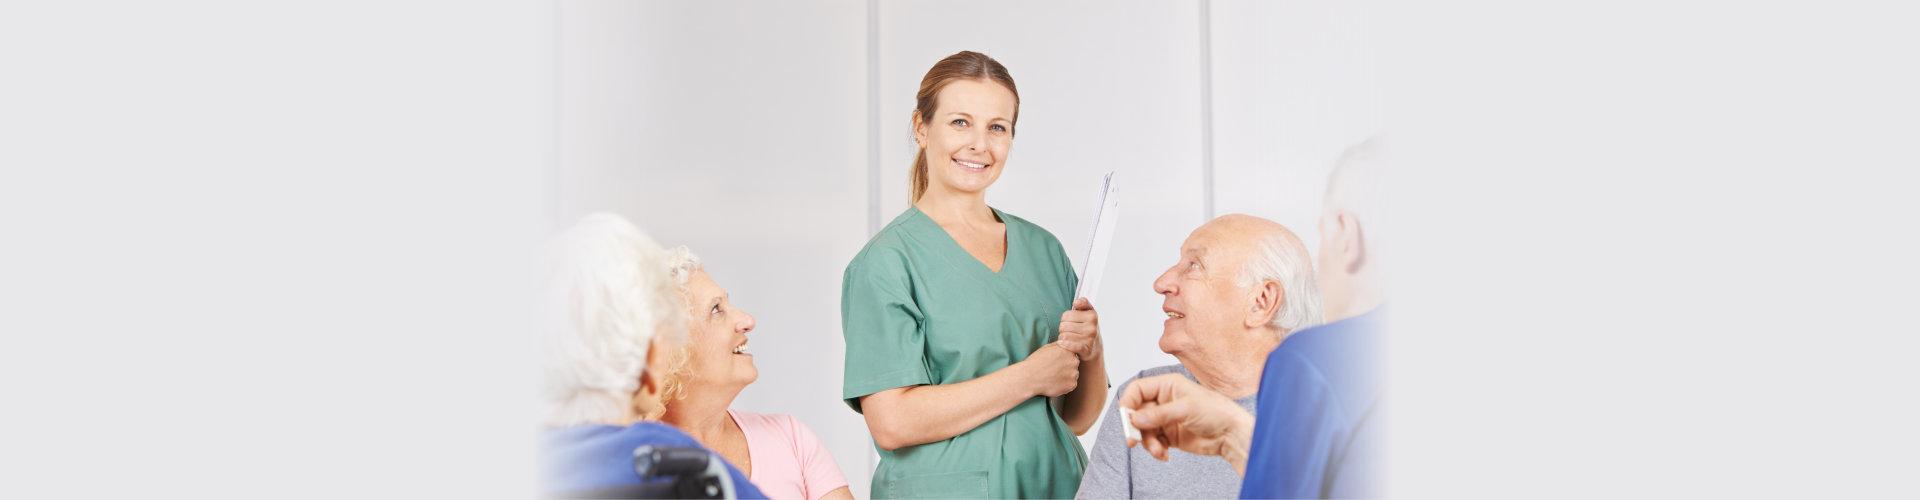 Smiling nurse between group of seniors in nursing home